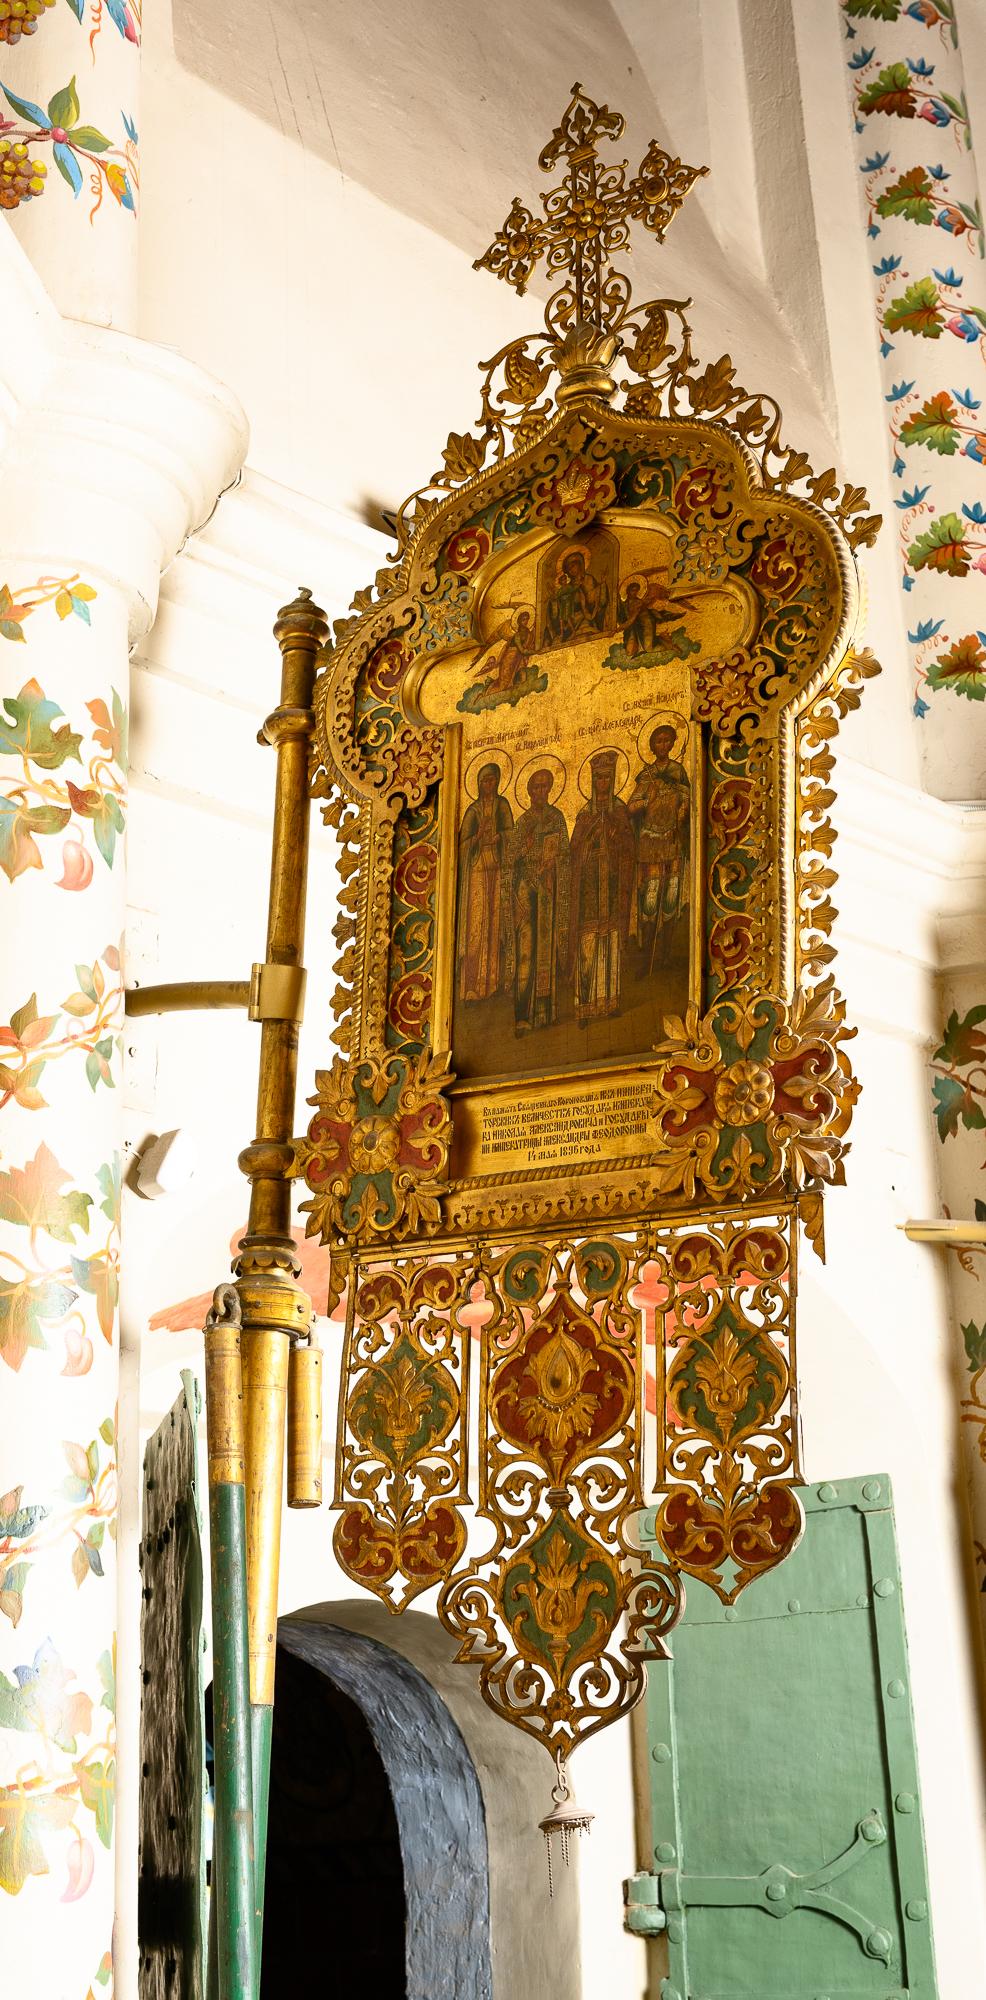 Фрагмент двусторонней хоругви. Конец XIX в. Церковь св. Киприана и Иустины.